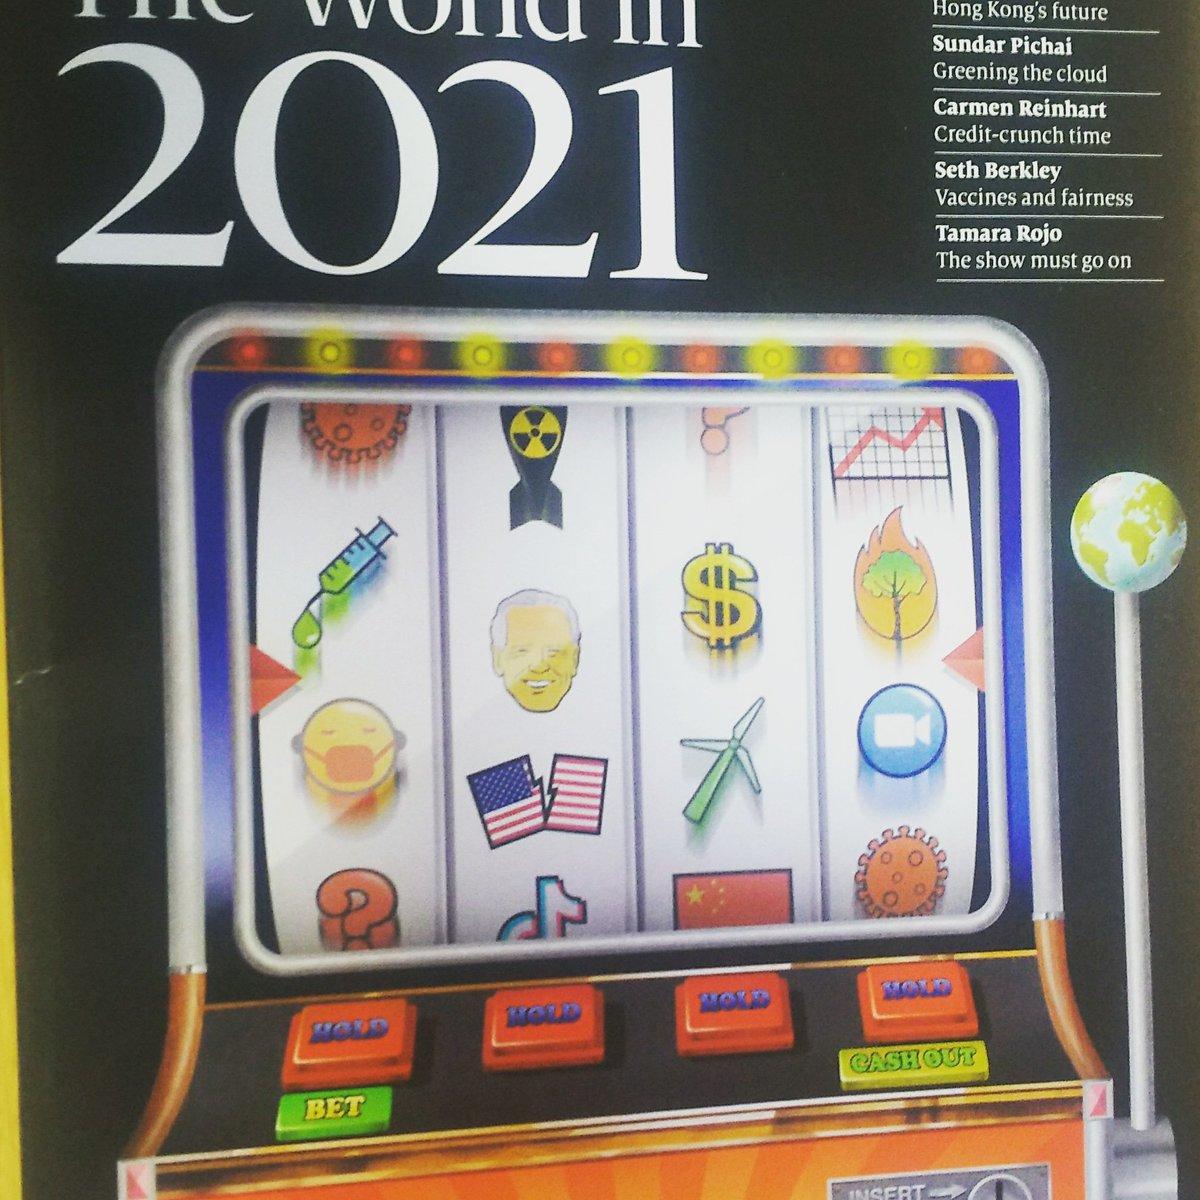 この雑誌は本当に読む楽しみがあります! #TheEconomist #TheWorldIn2021